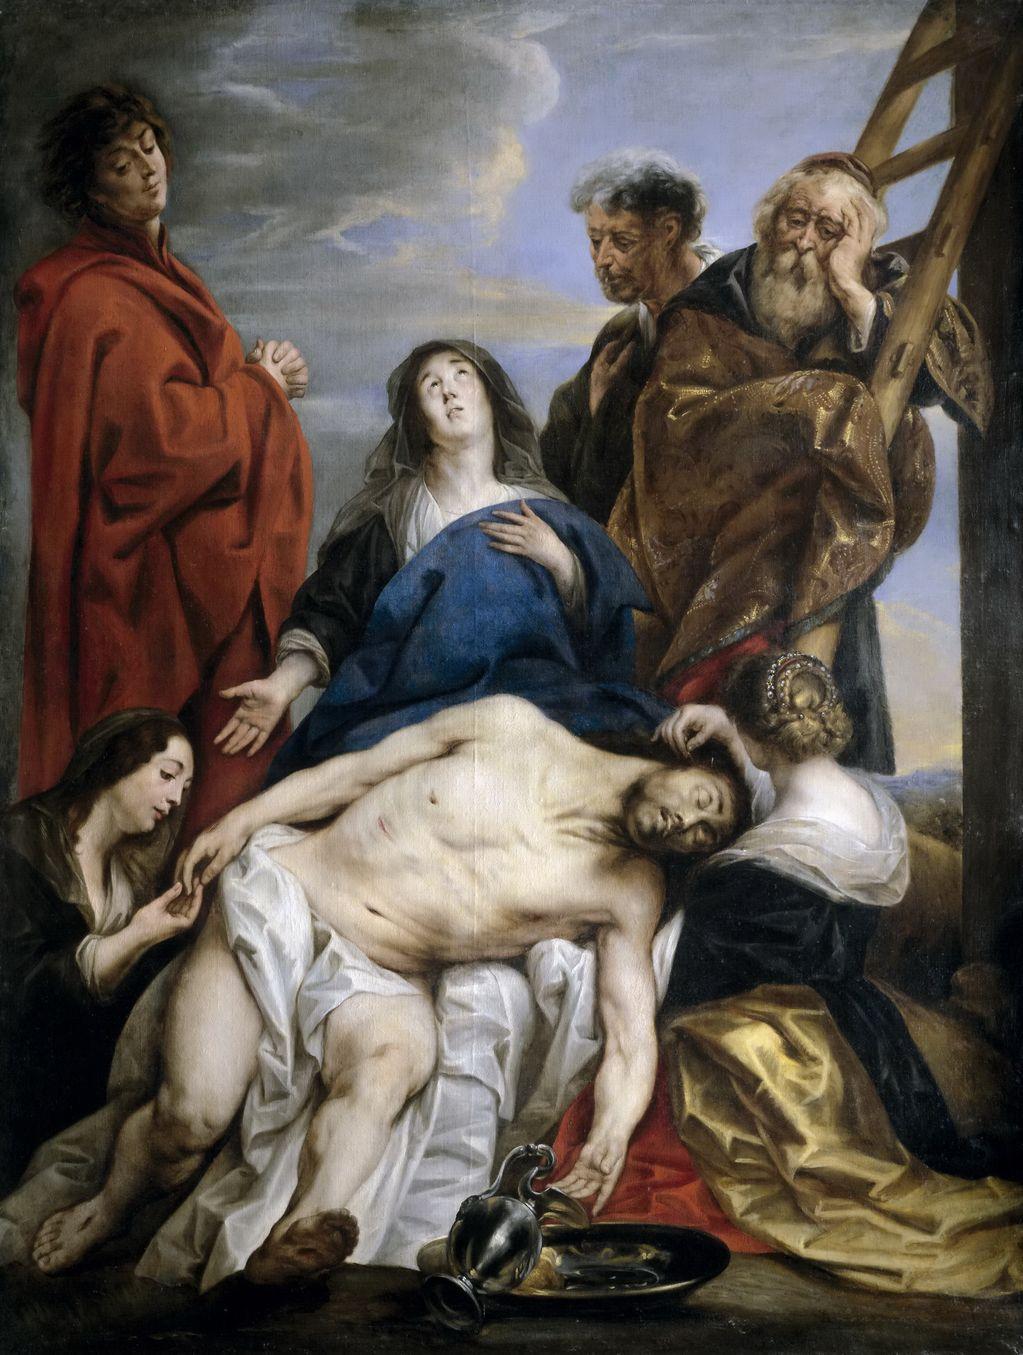 Йорданс, Якоб (1593-1678) Пьета